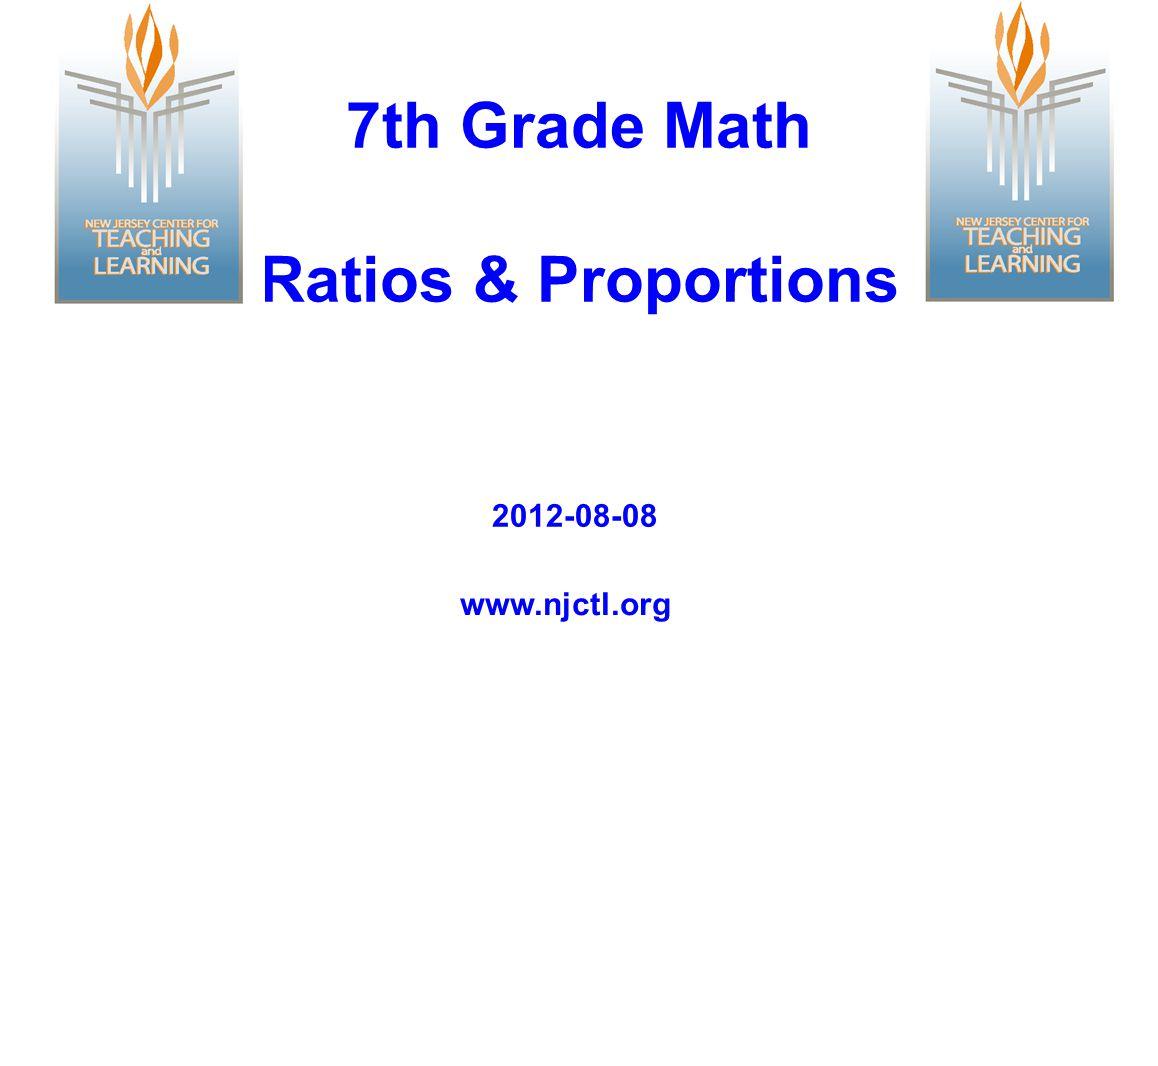 7th Grade Math Ratios & Proportions